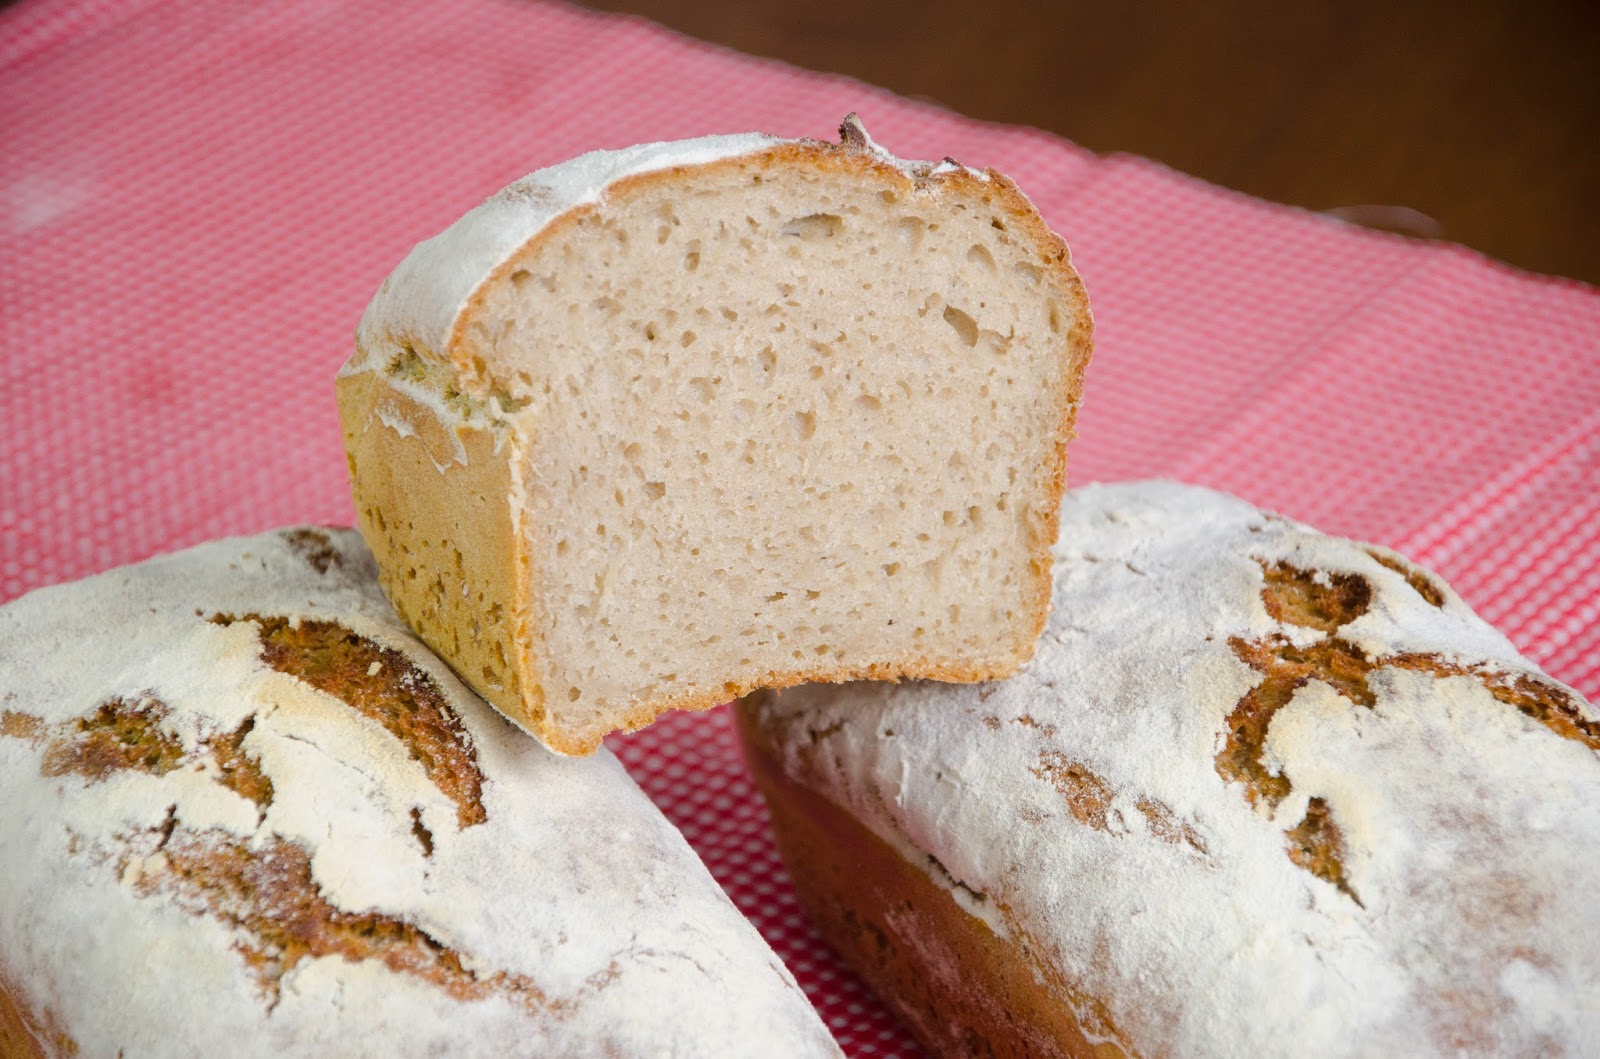 Chleb żytnio - pszenny na zakwasie, najprostszy